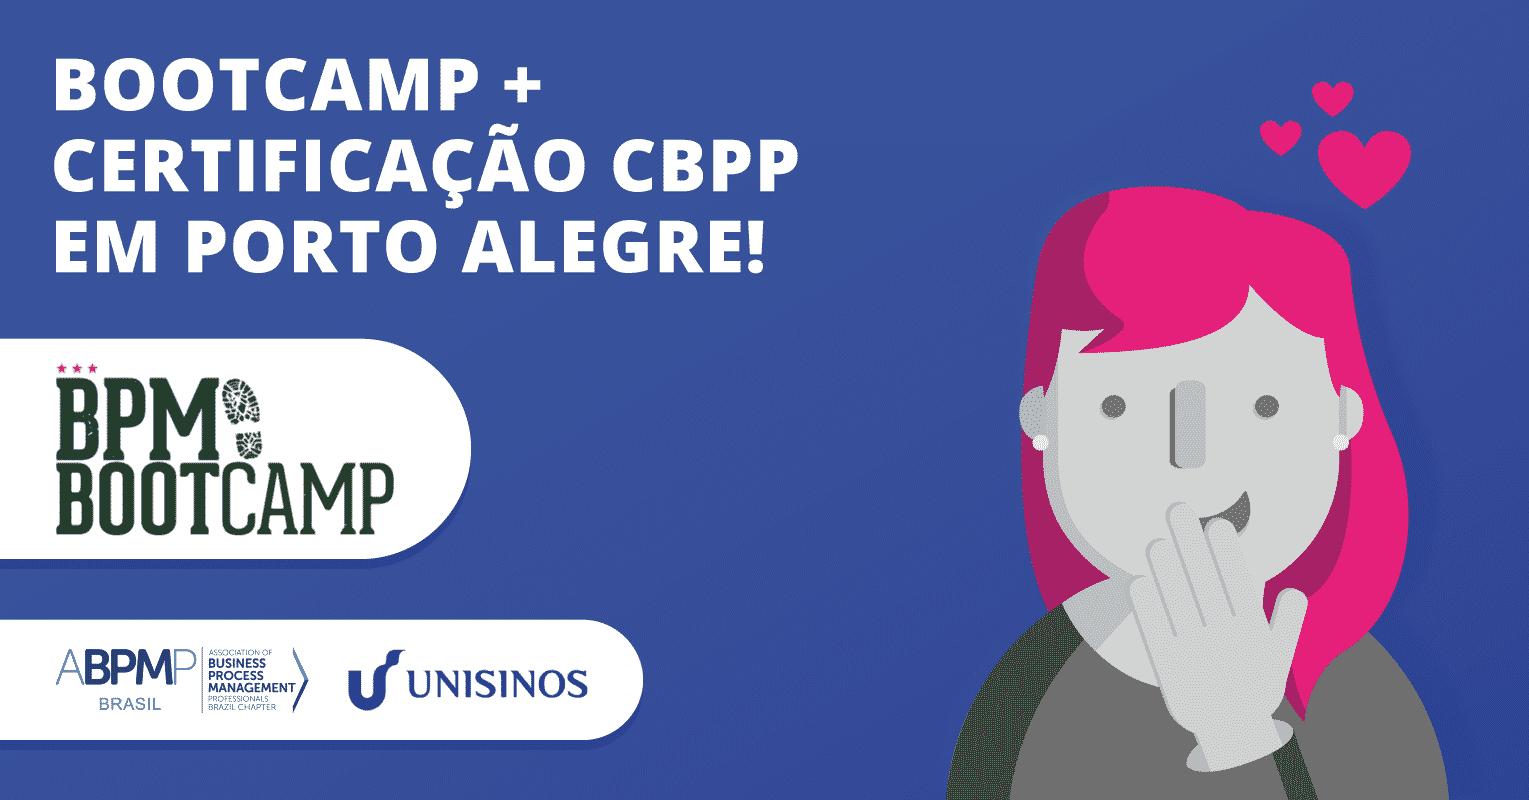 Bootcamp + CBPP Exam em PoAl!